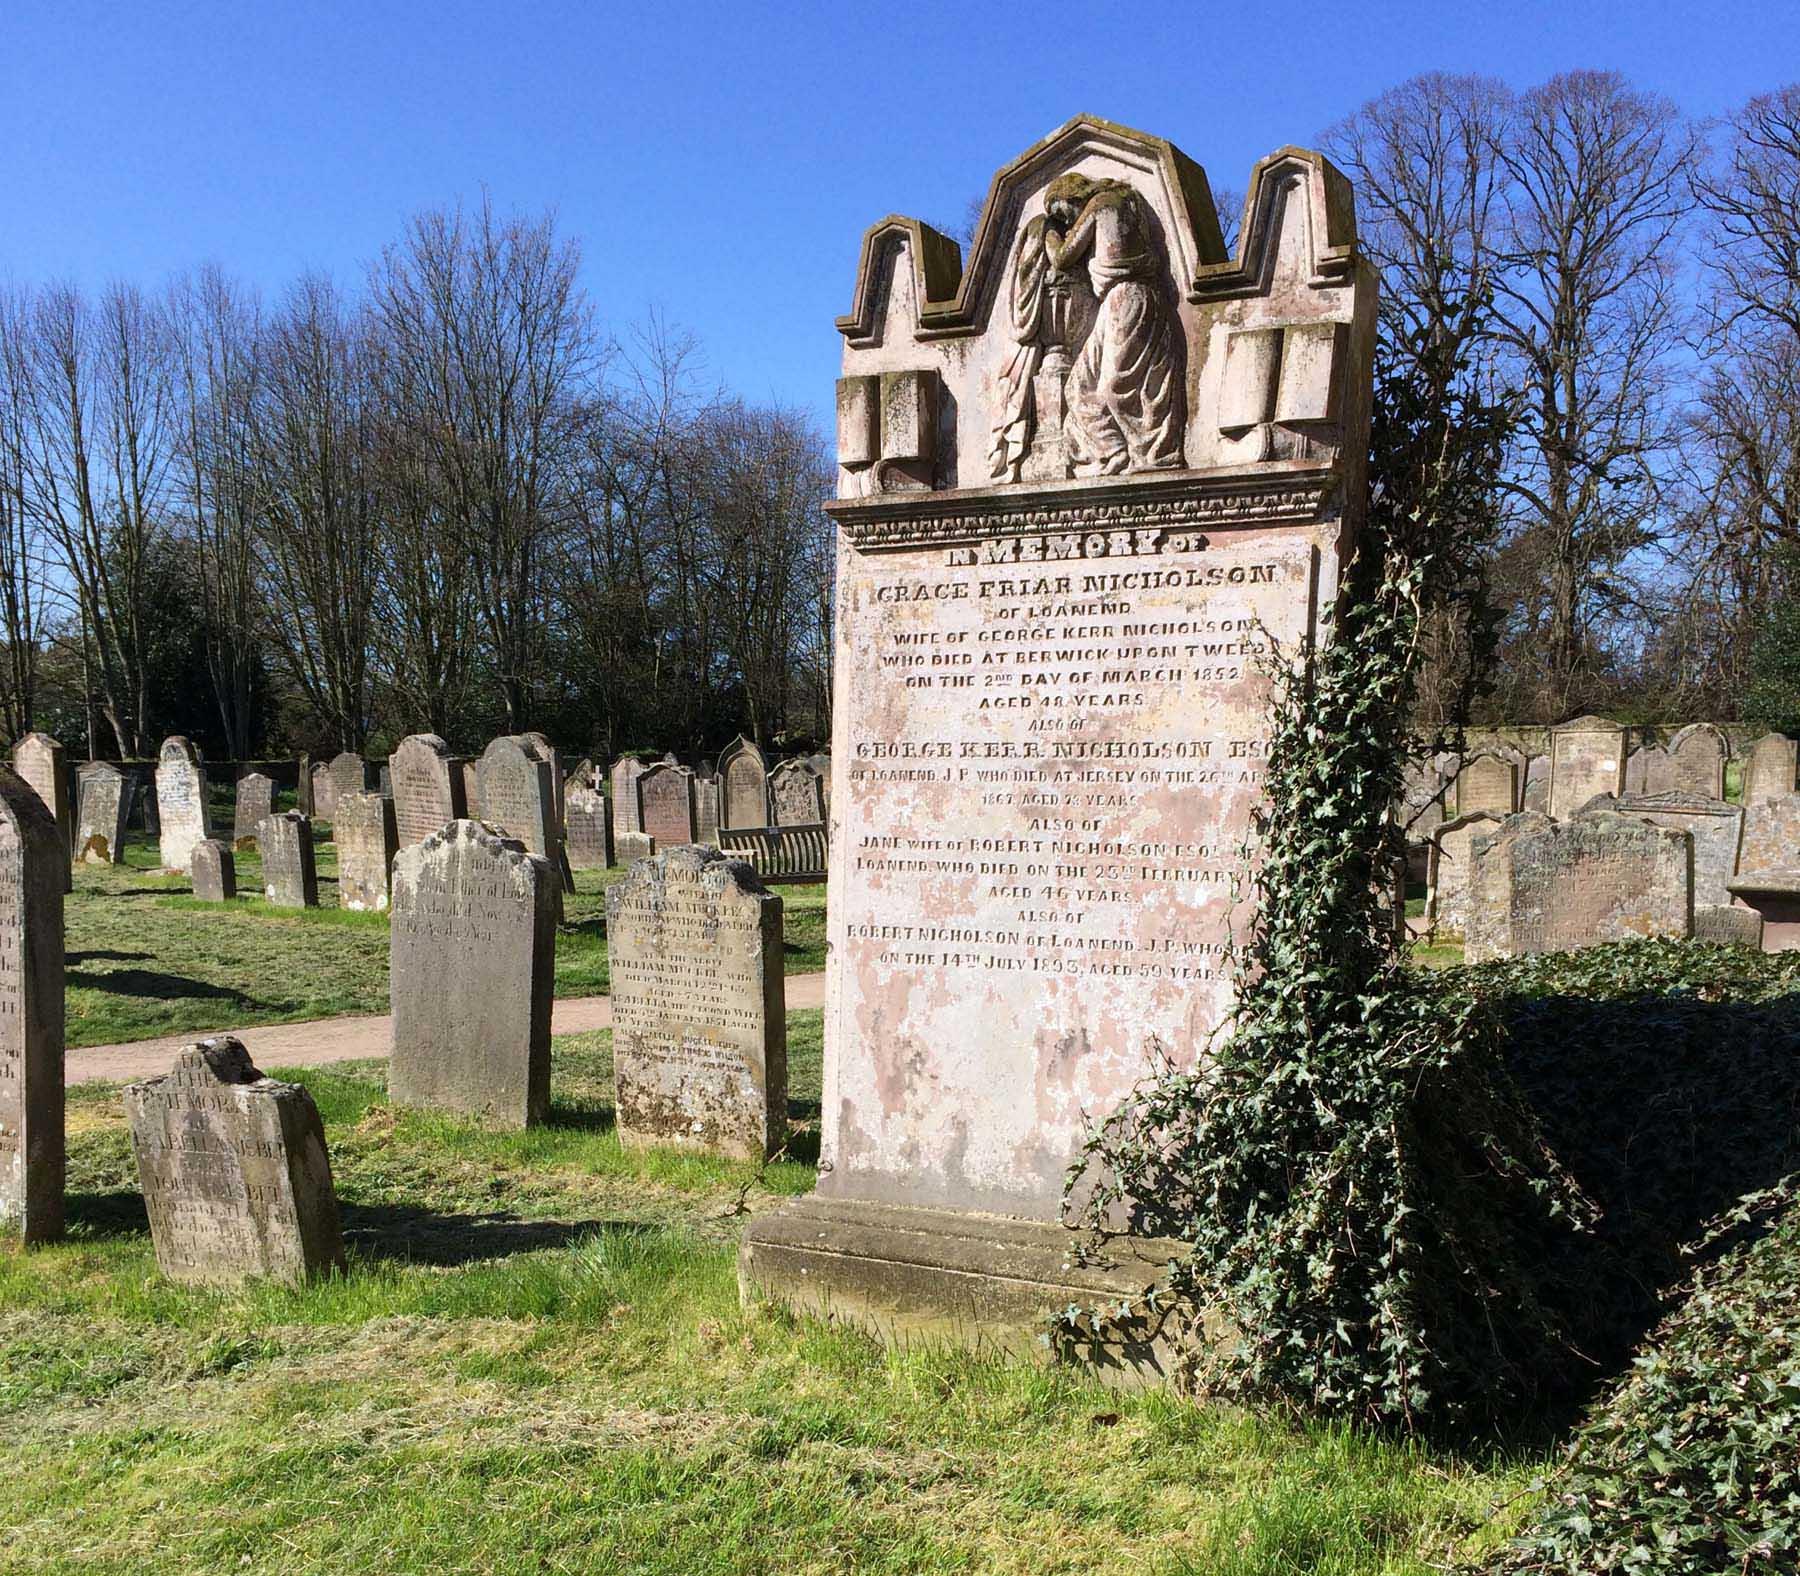 Grave of Grace Friar Nicholson